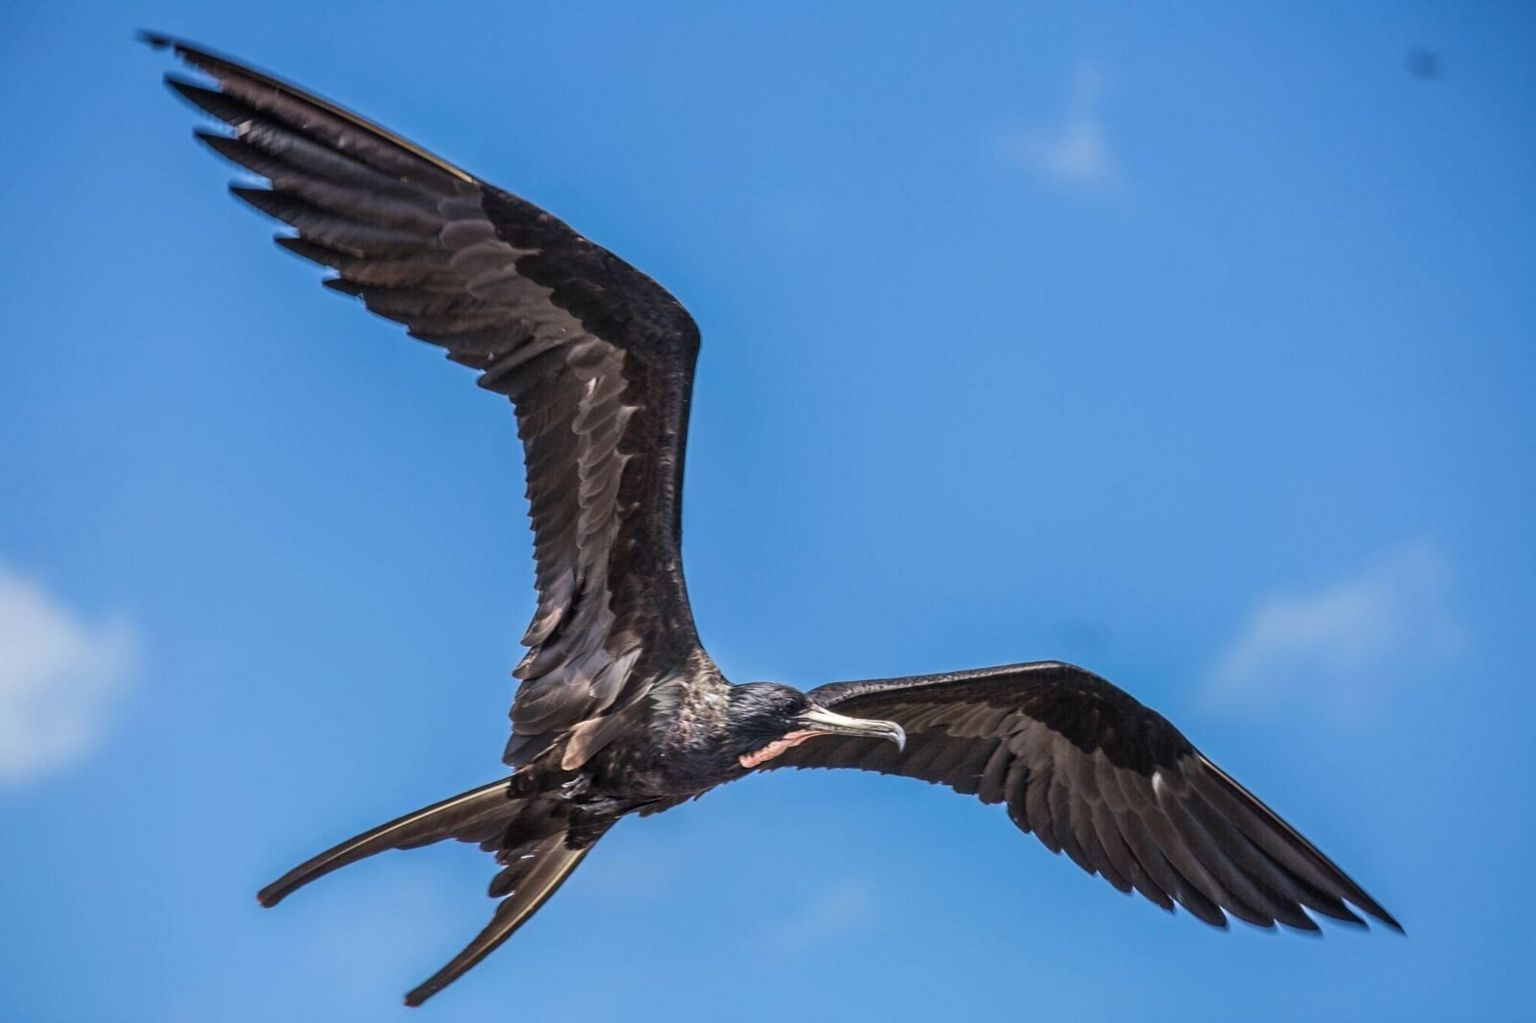 A frigatebird in flight